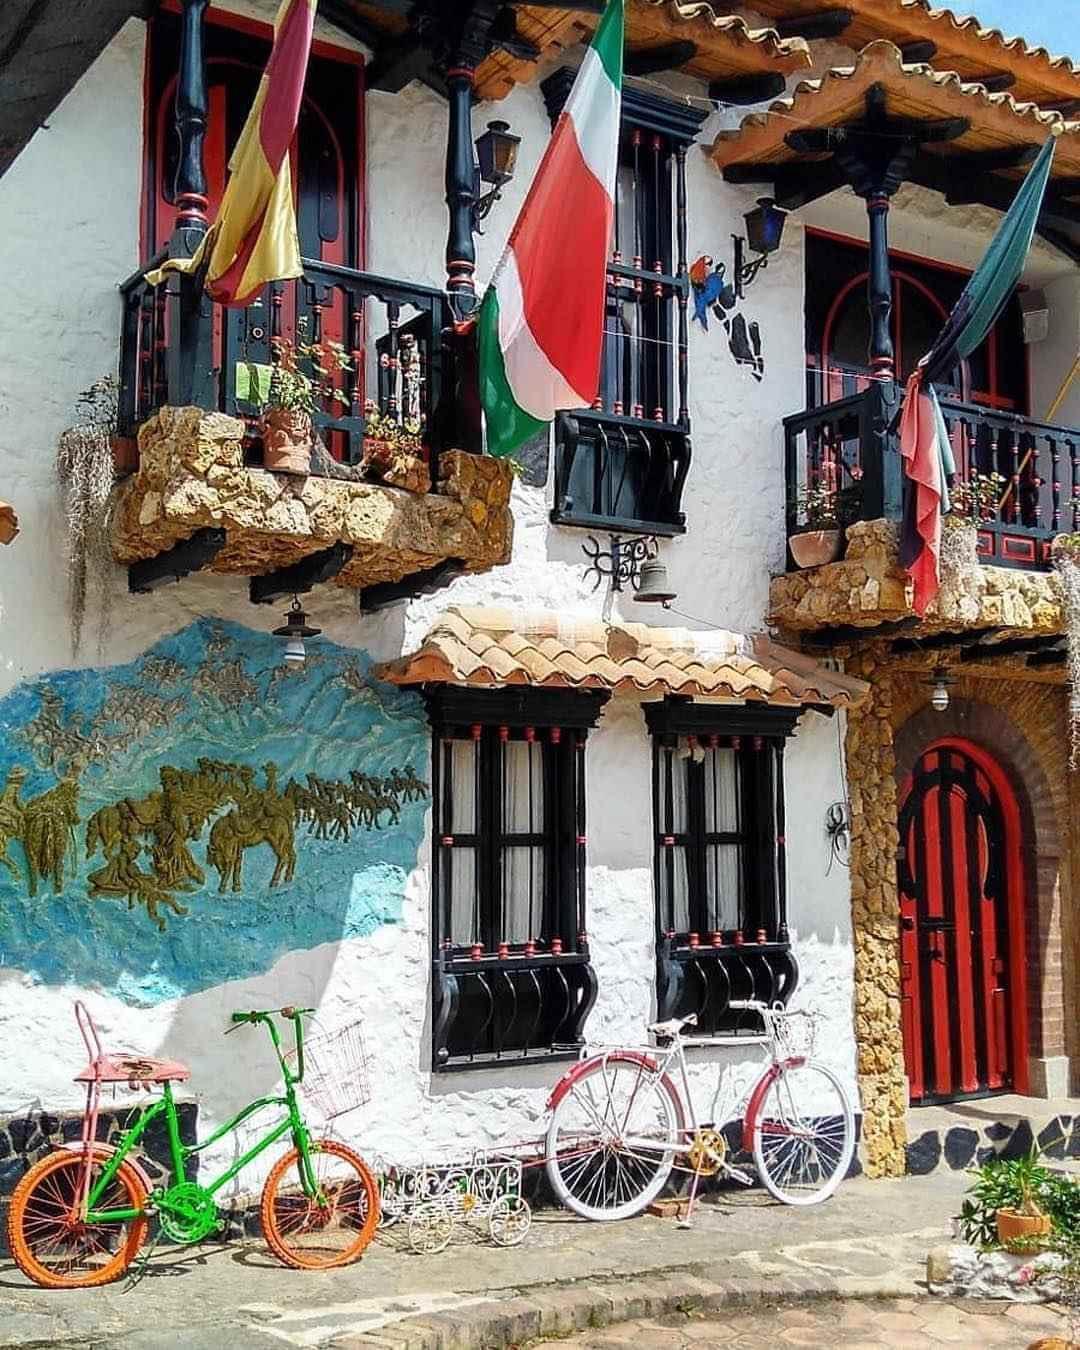 Pueblito boyacense desde Bogotá